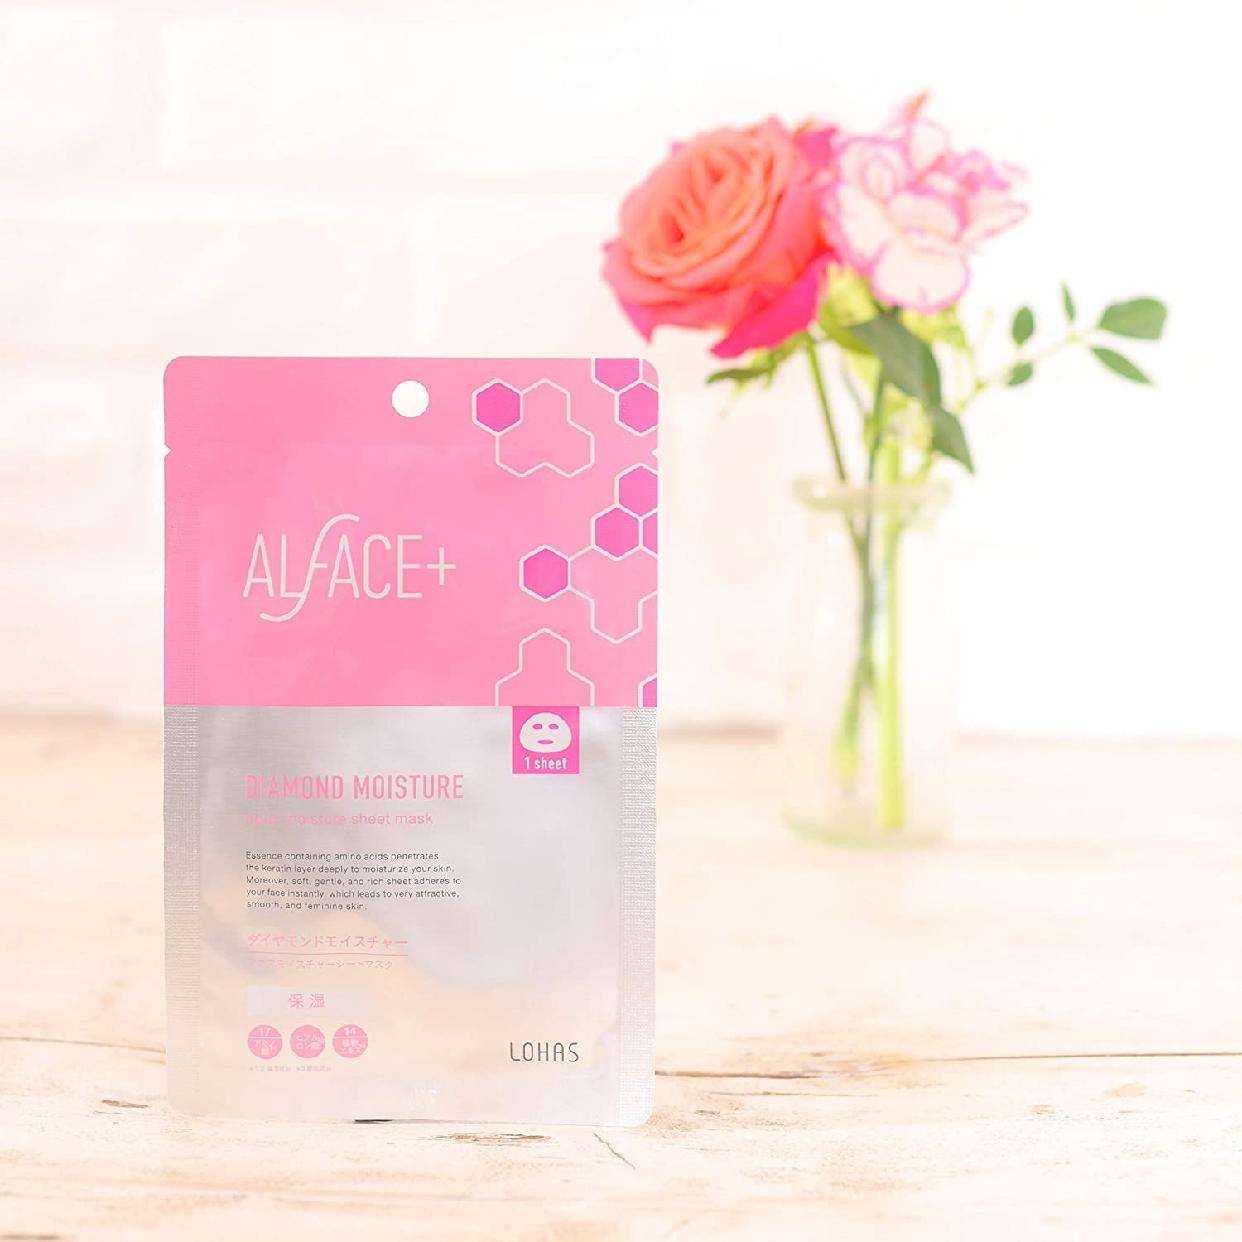 ALFACE+(オルフェス) ダイヤモンドモイスチャーの商品画像5